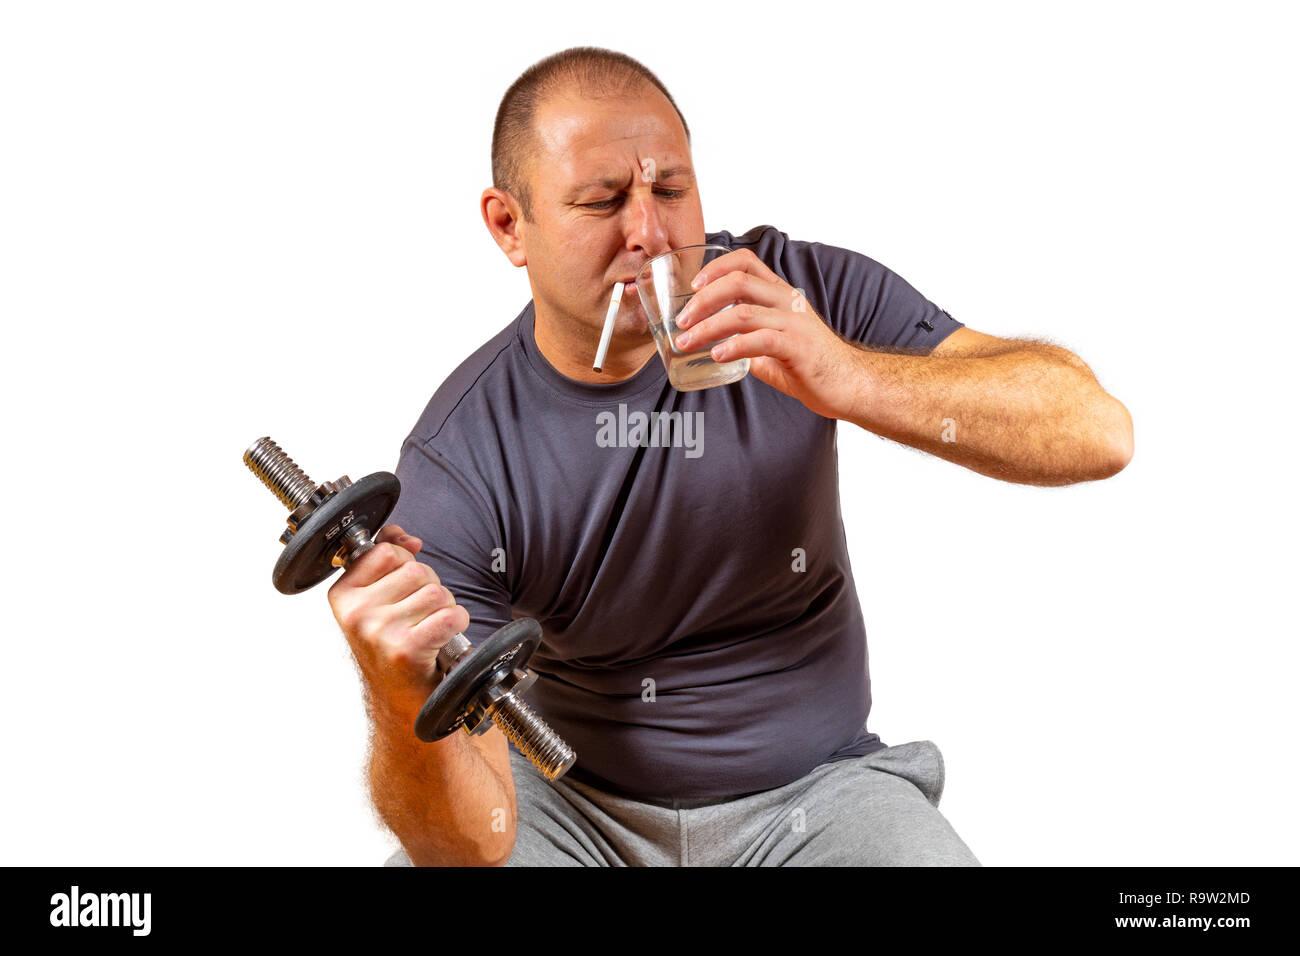 Konzeptionelle Schuß eines weißen Mannes mittleren Alters, die versuchen, Sie zu arbeiten, während Sie ein alkoholisches Getränk. Stockbild